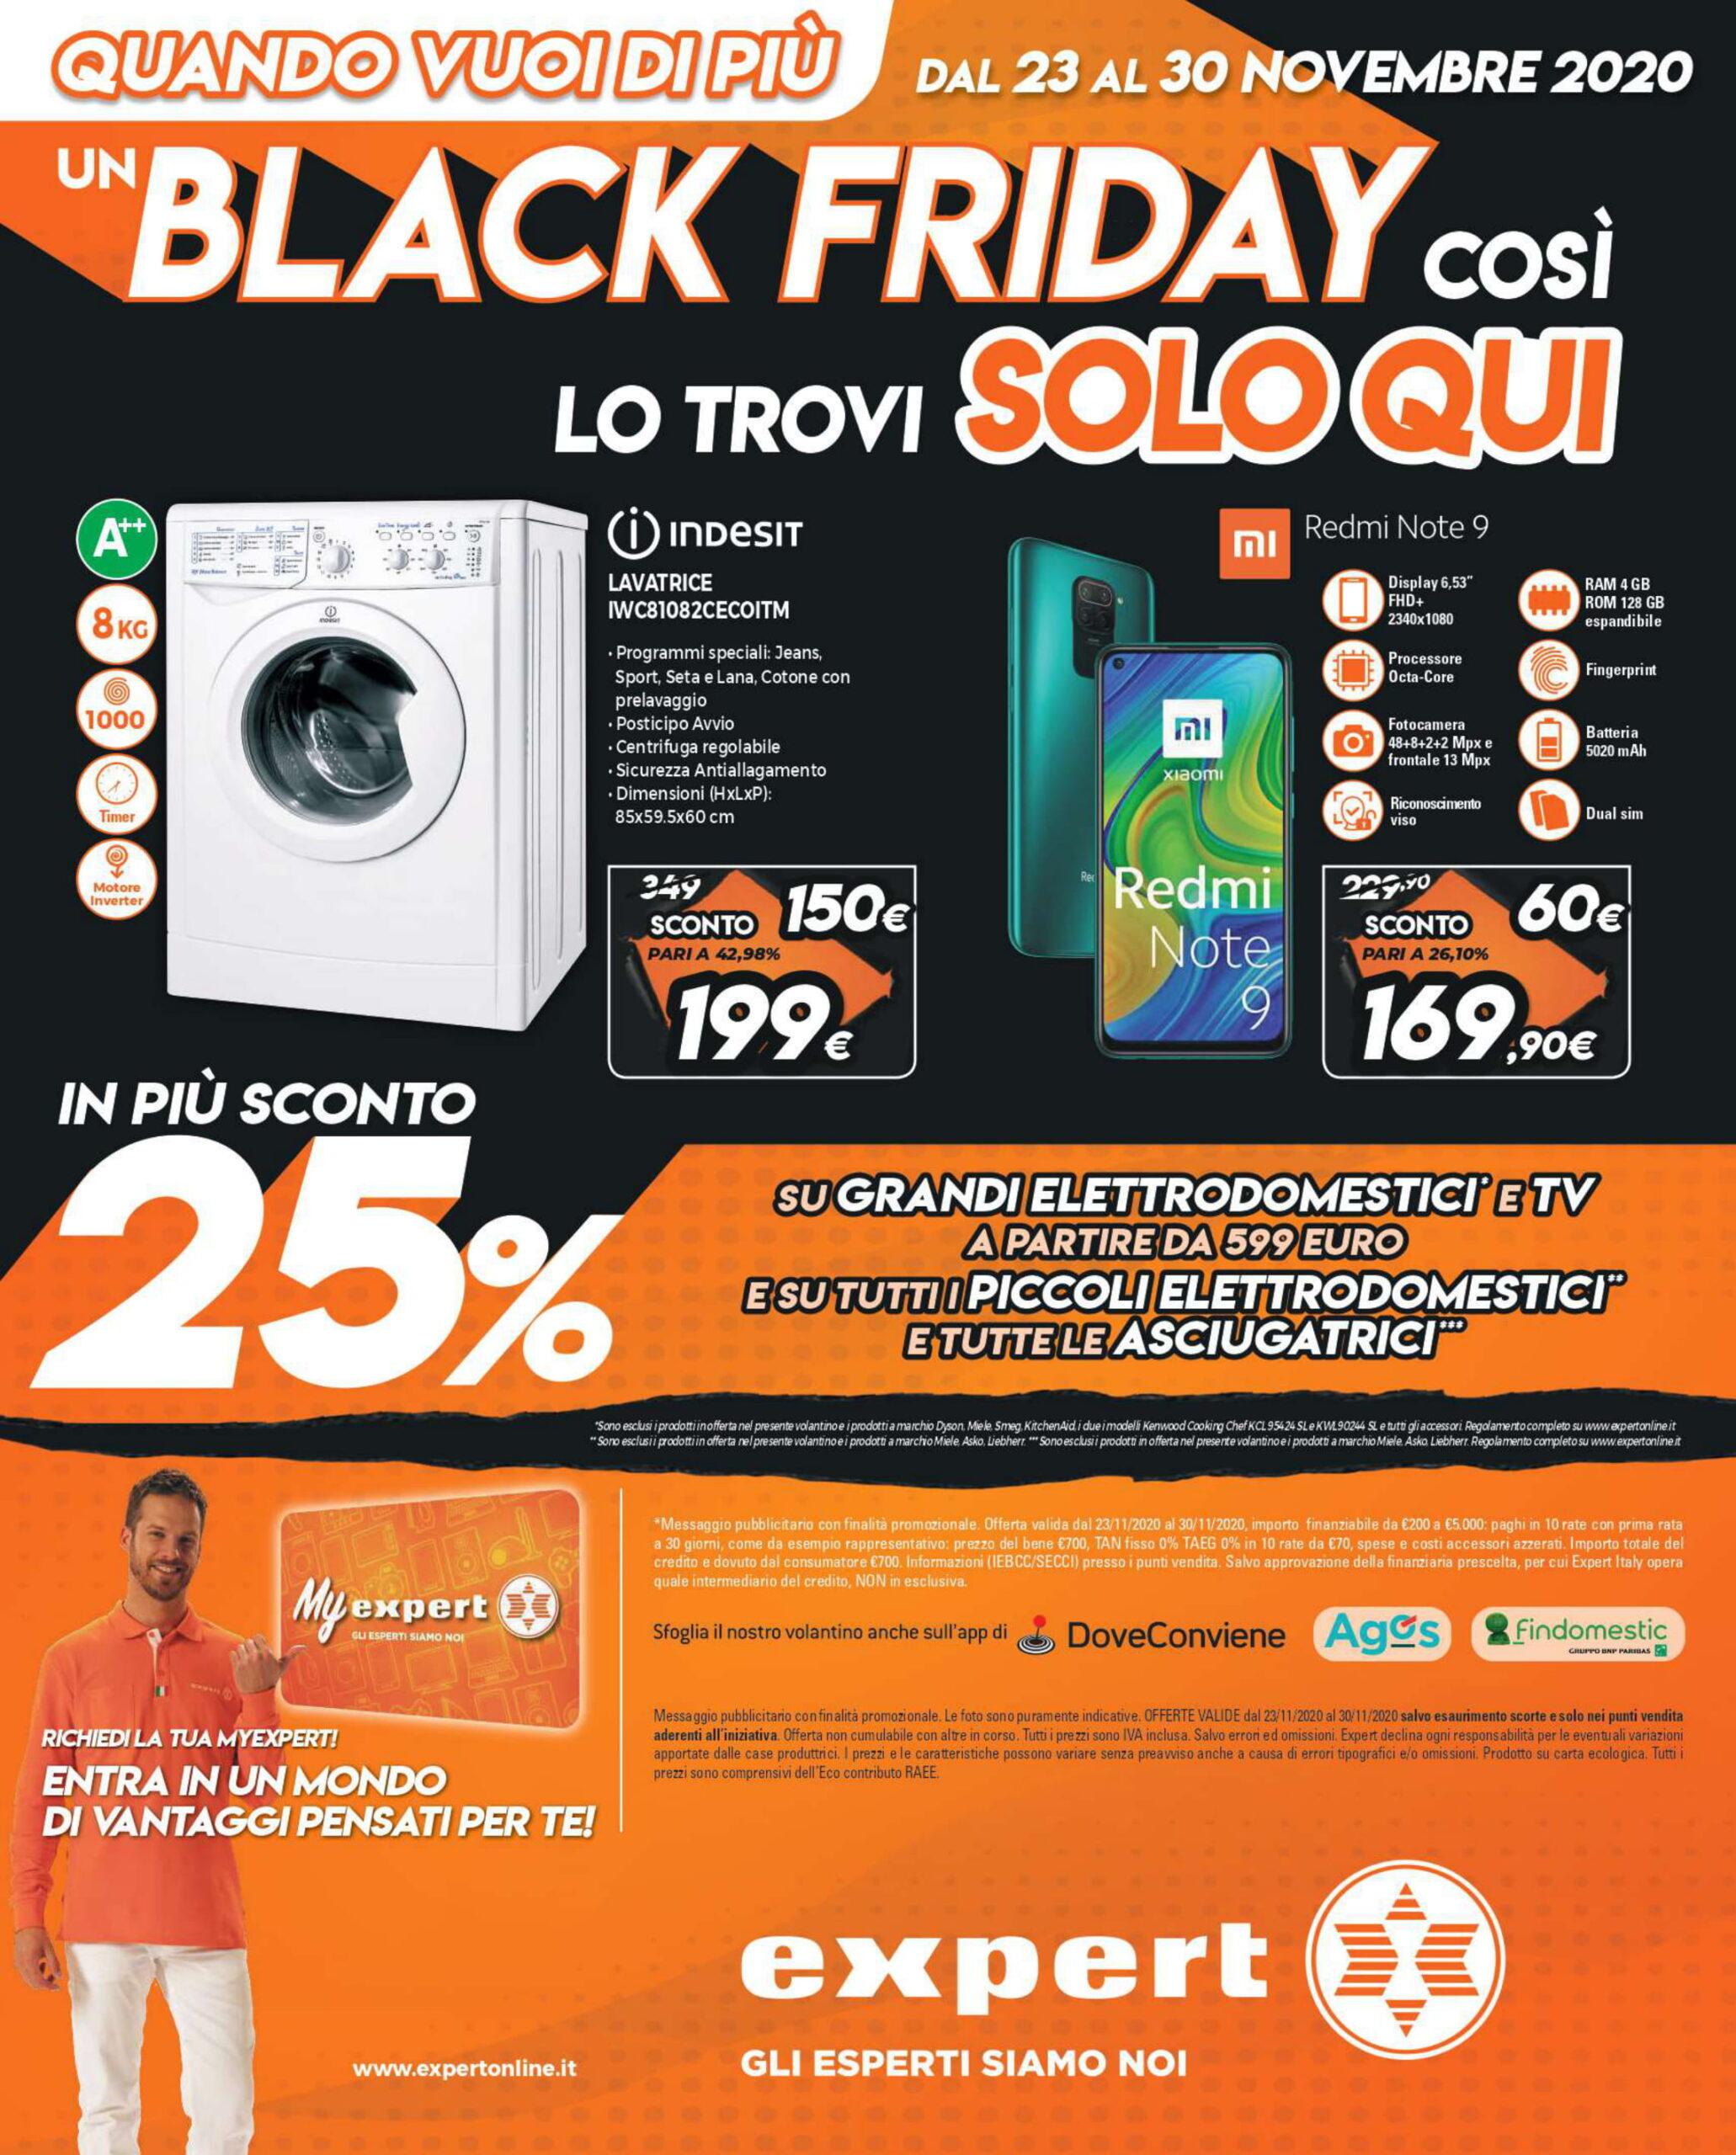 Ecco le migliori offerte del Black Friday di Expert (23 - 30 novembre) 1